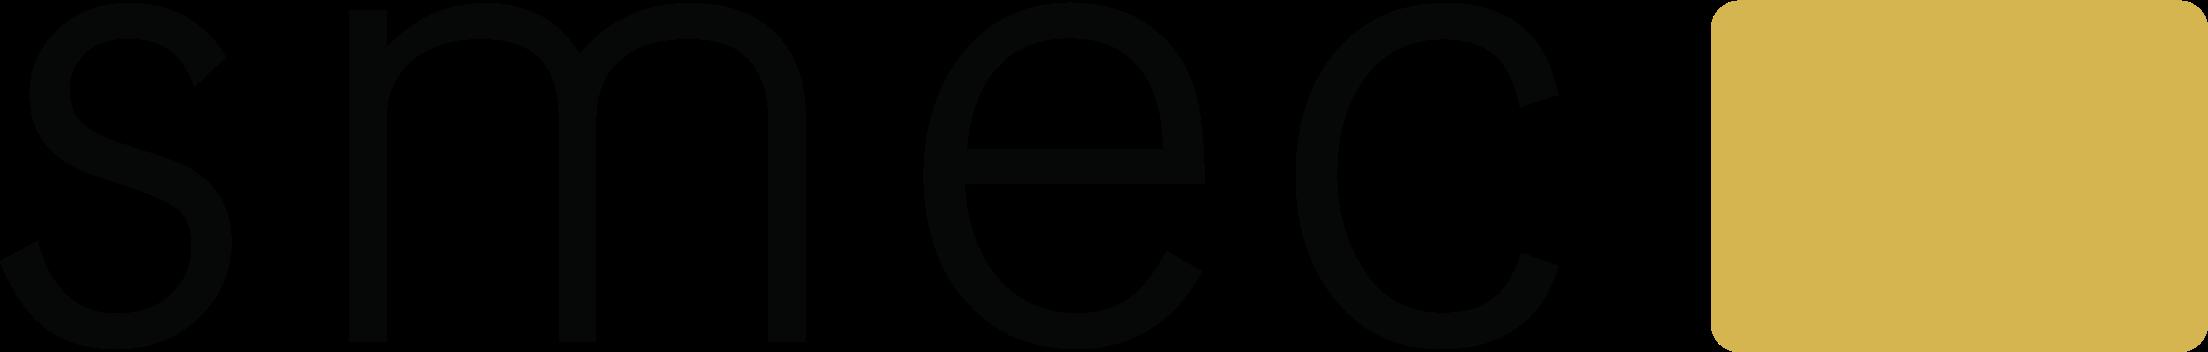 smec-logo-basic